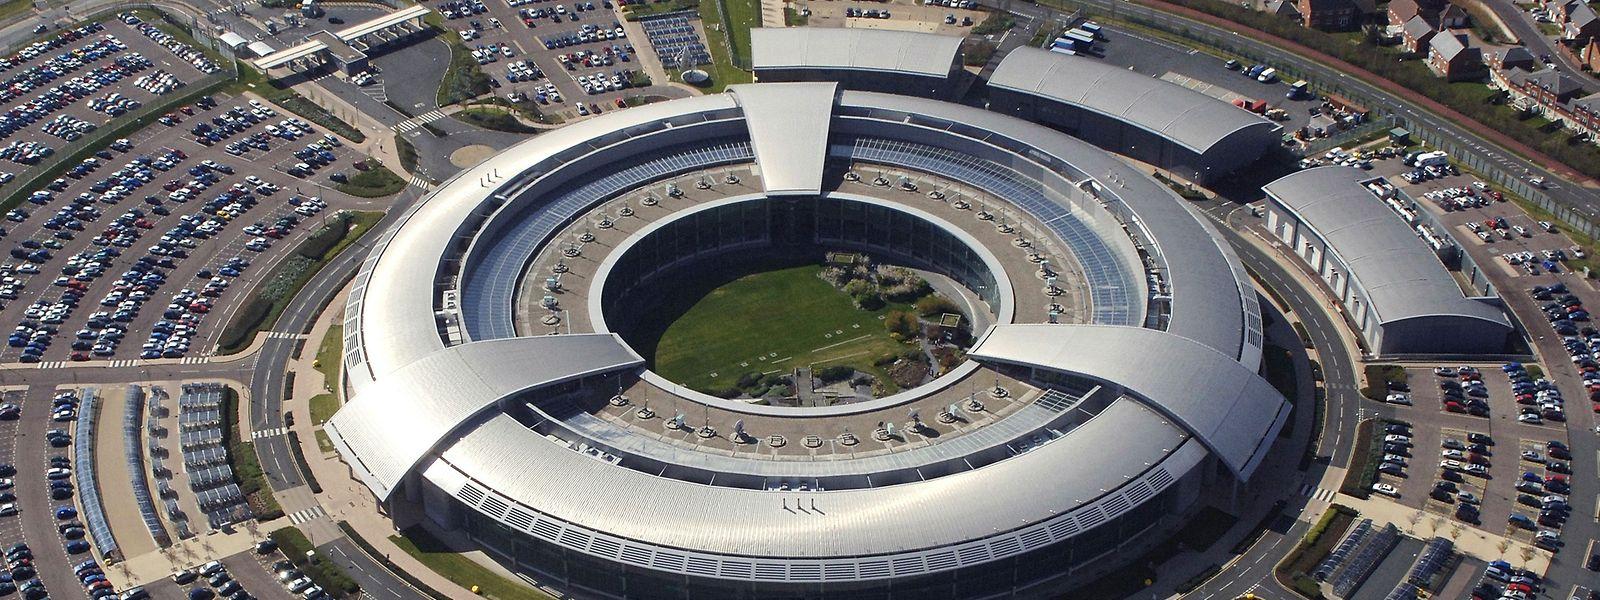 """In diesem futuristischen Gebäude im britischen Cheltenham ist der Geheimdienst """"Government Communications Headquarters"""" (GCHQ) untergebracht."""